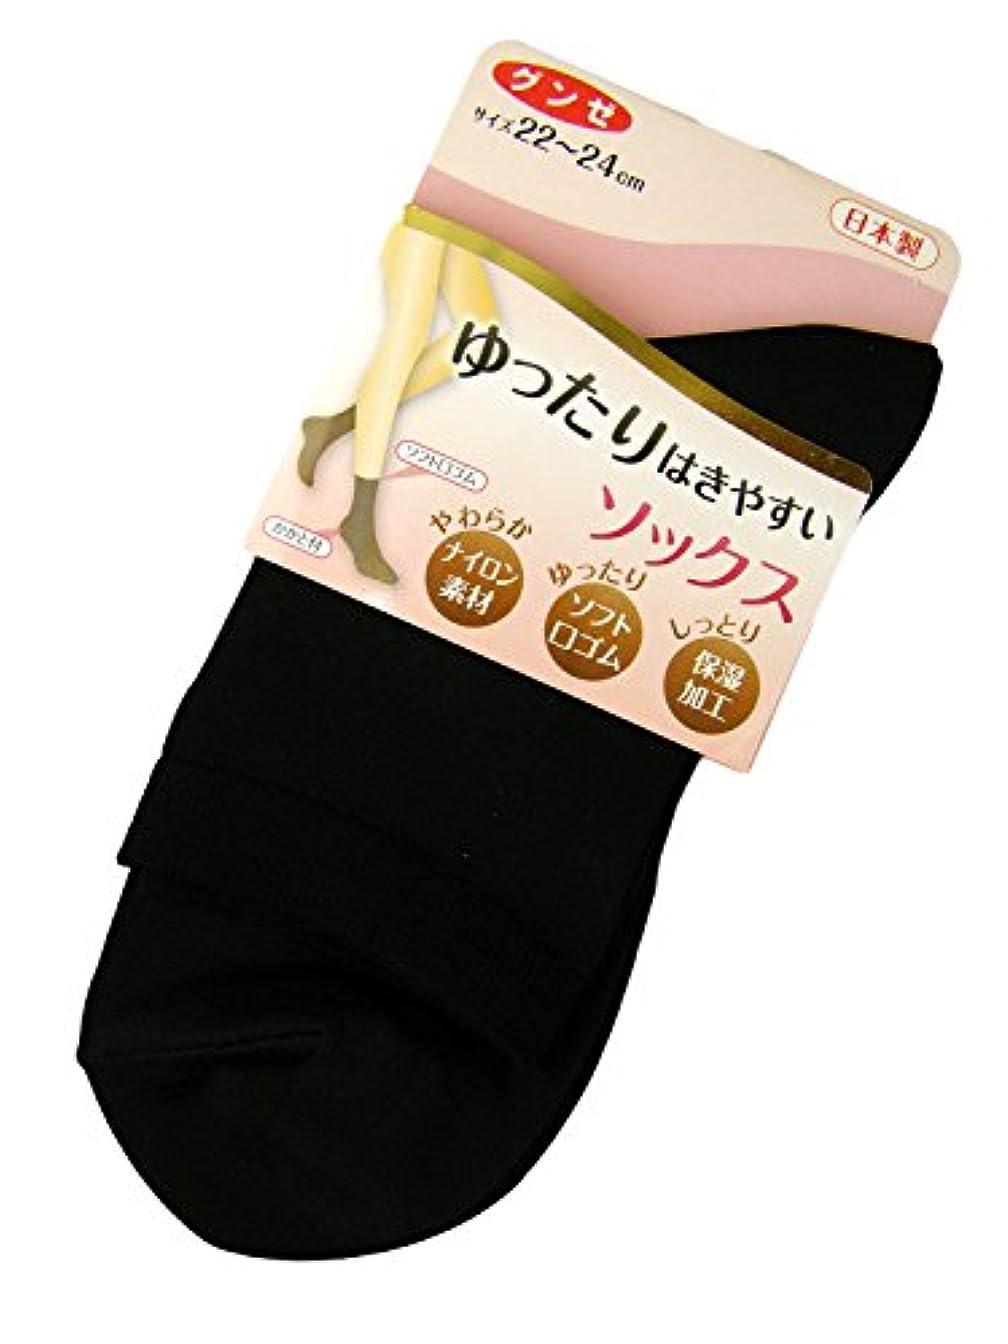 治世平均スローガンAR0212 ミセススニーカーソックス(婦人靴下) ゆったりはきやすい 22-24cm ブラック